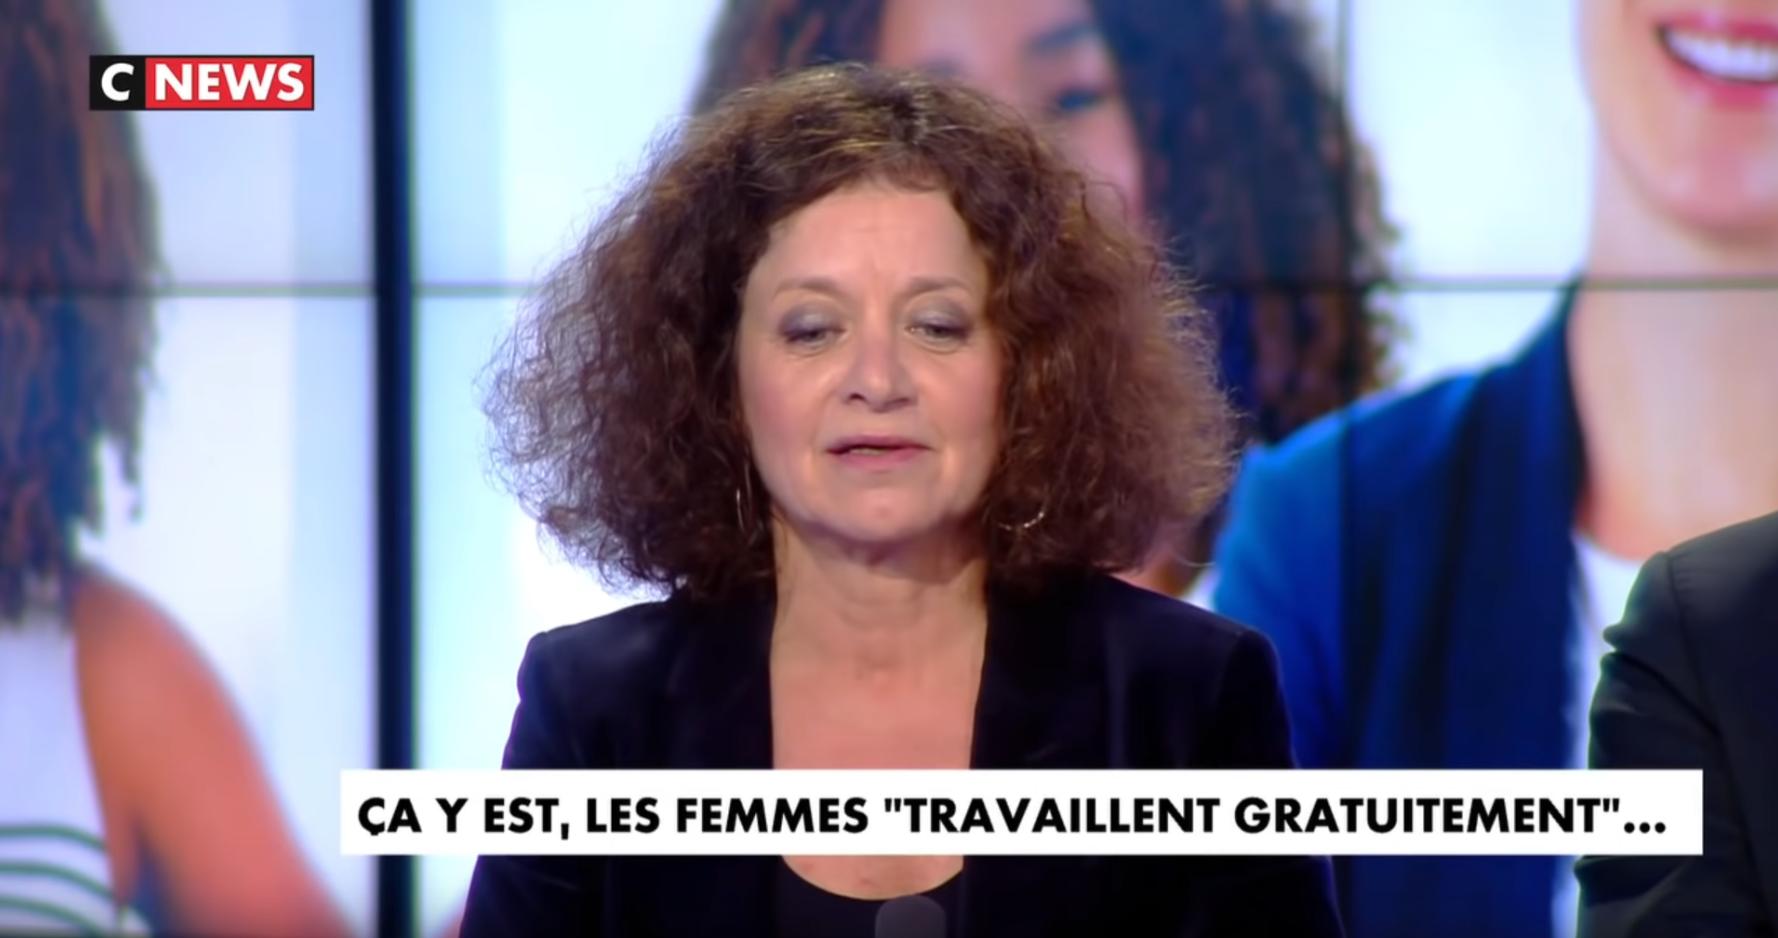 Équité salariale : Élisabeth Lévy VS une féministe pro-théorie du genre (VIDÉO)